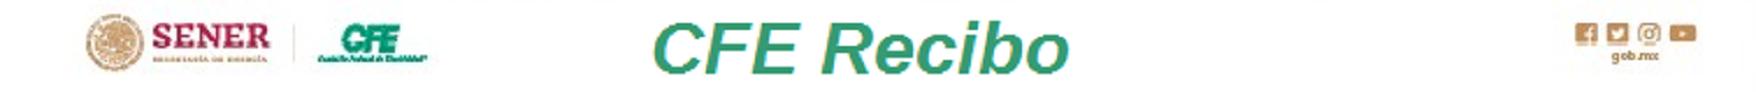 CONSULTA, DESCARGA, IMPRIMIR MI RECIBO DE LUZ EN PDF, 💡 tramitar solicitudes, registros y descargas de recibos, así como imprimir tus facturas de la luz